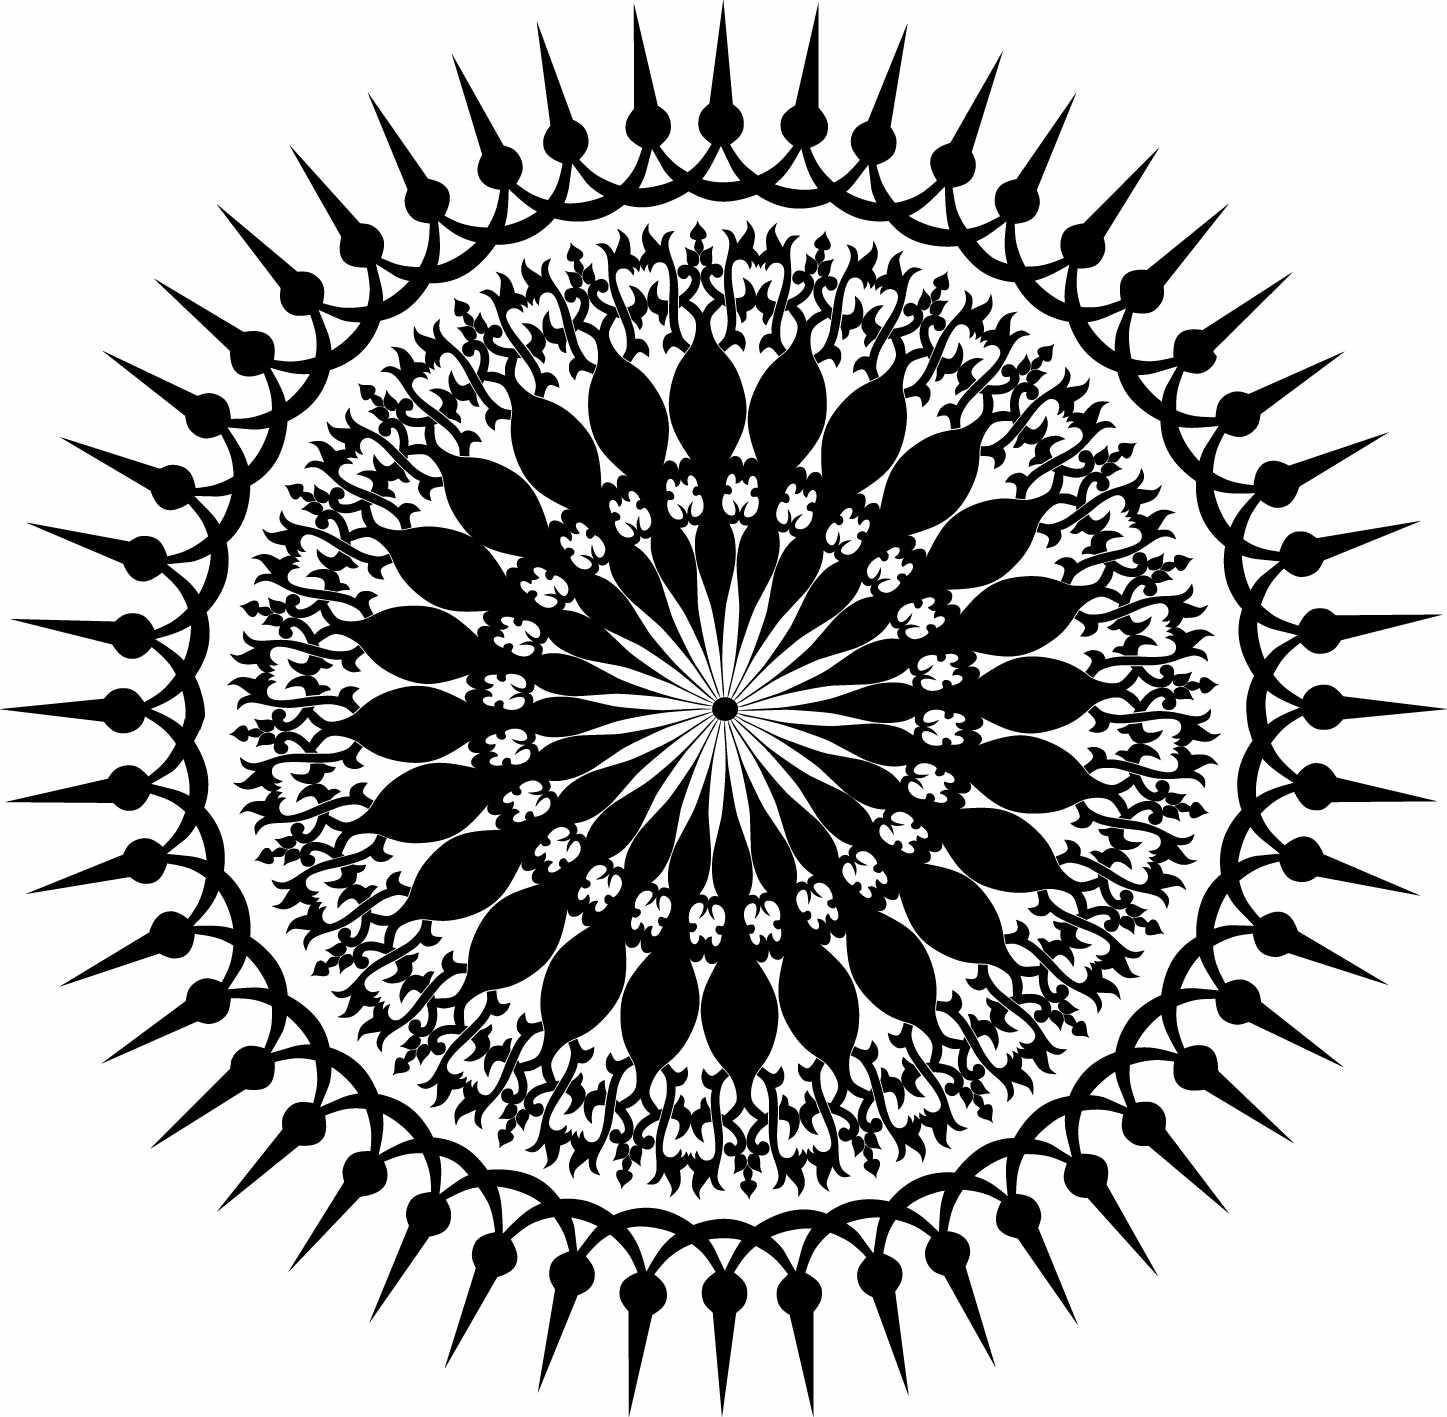 بالصور زخرفة اسلامية , صور لاشكال من الفن الاسلامي المميز 3614 5